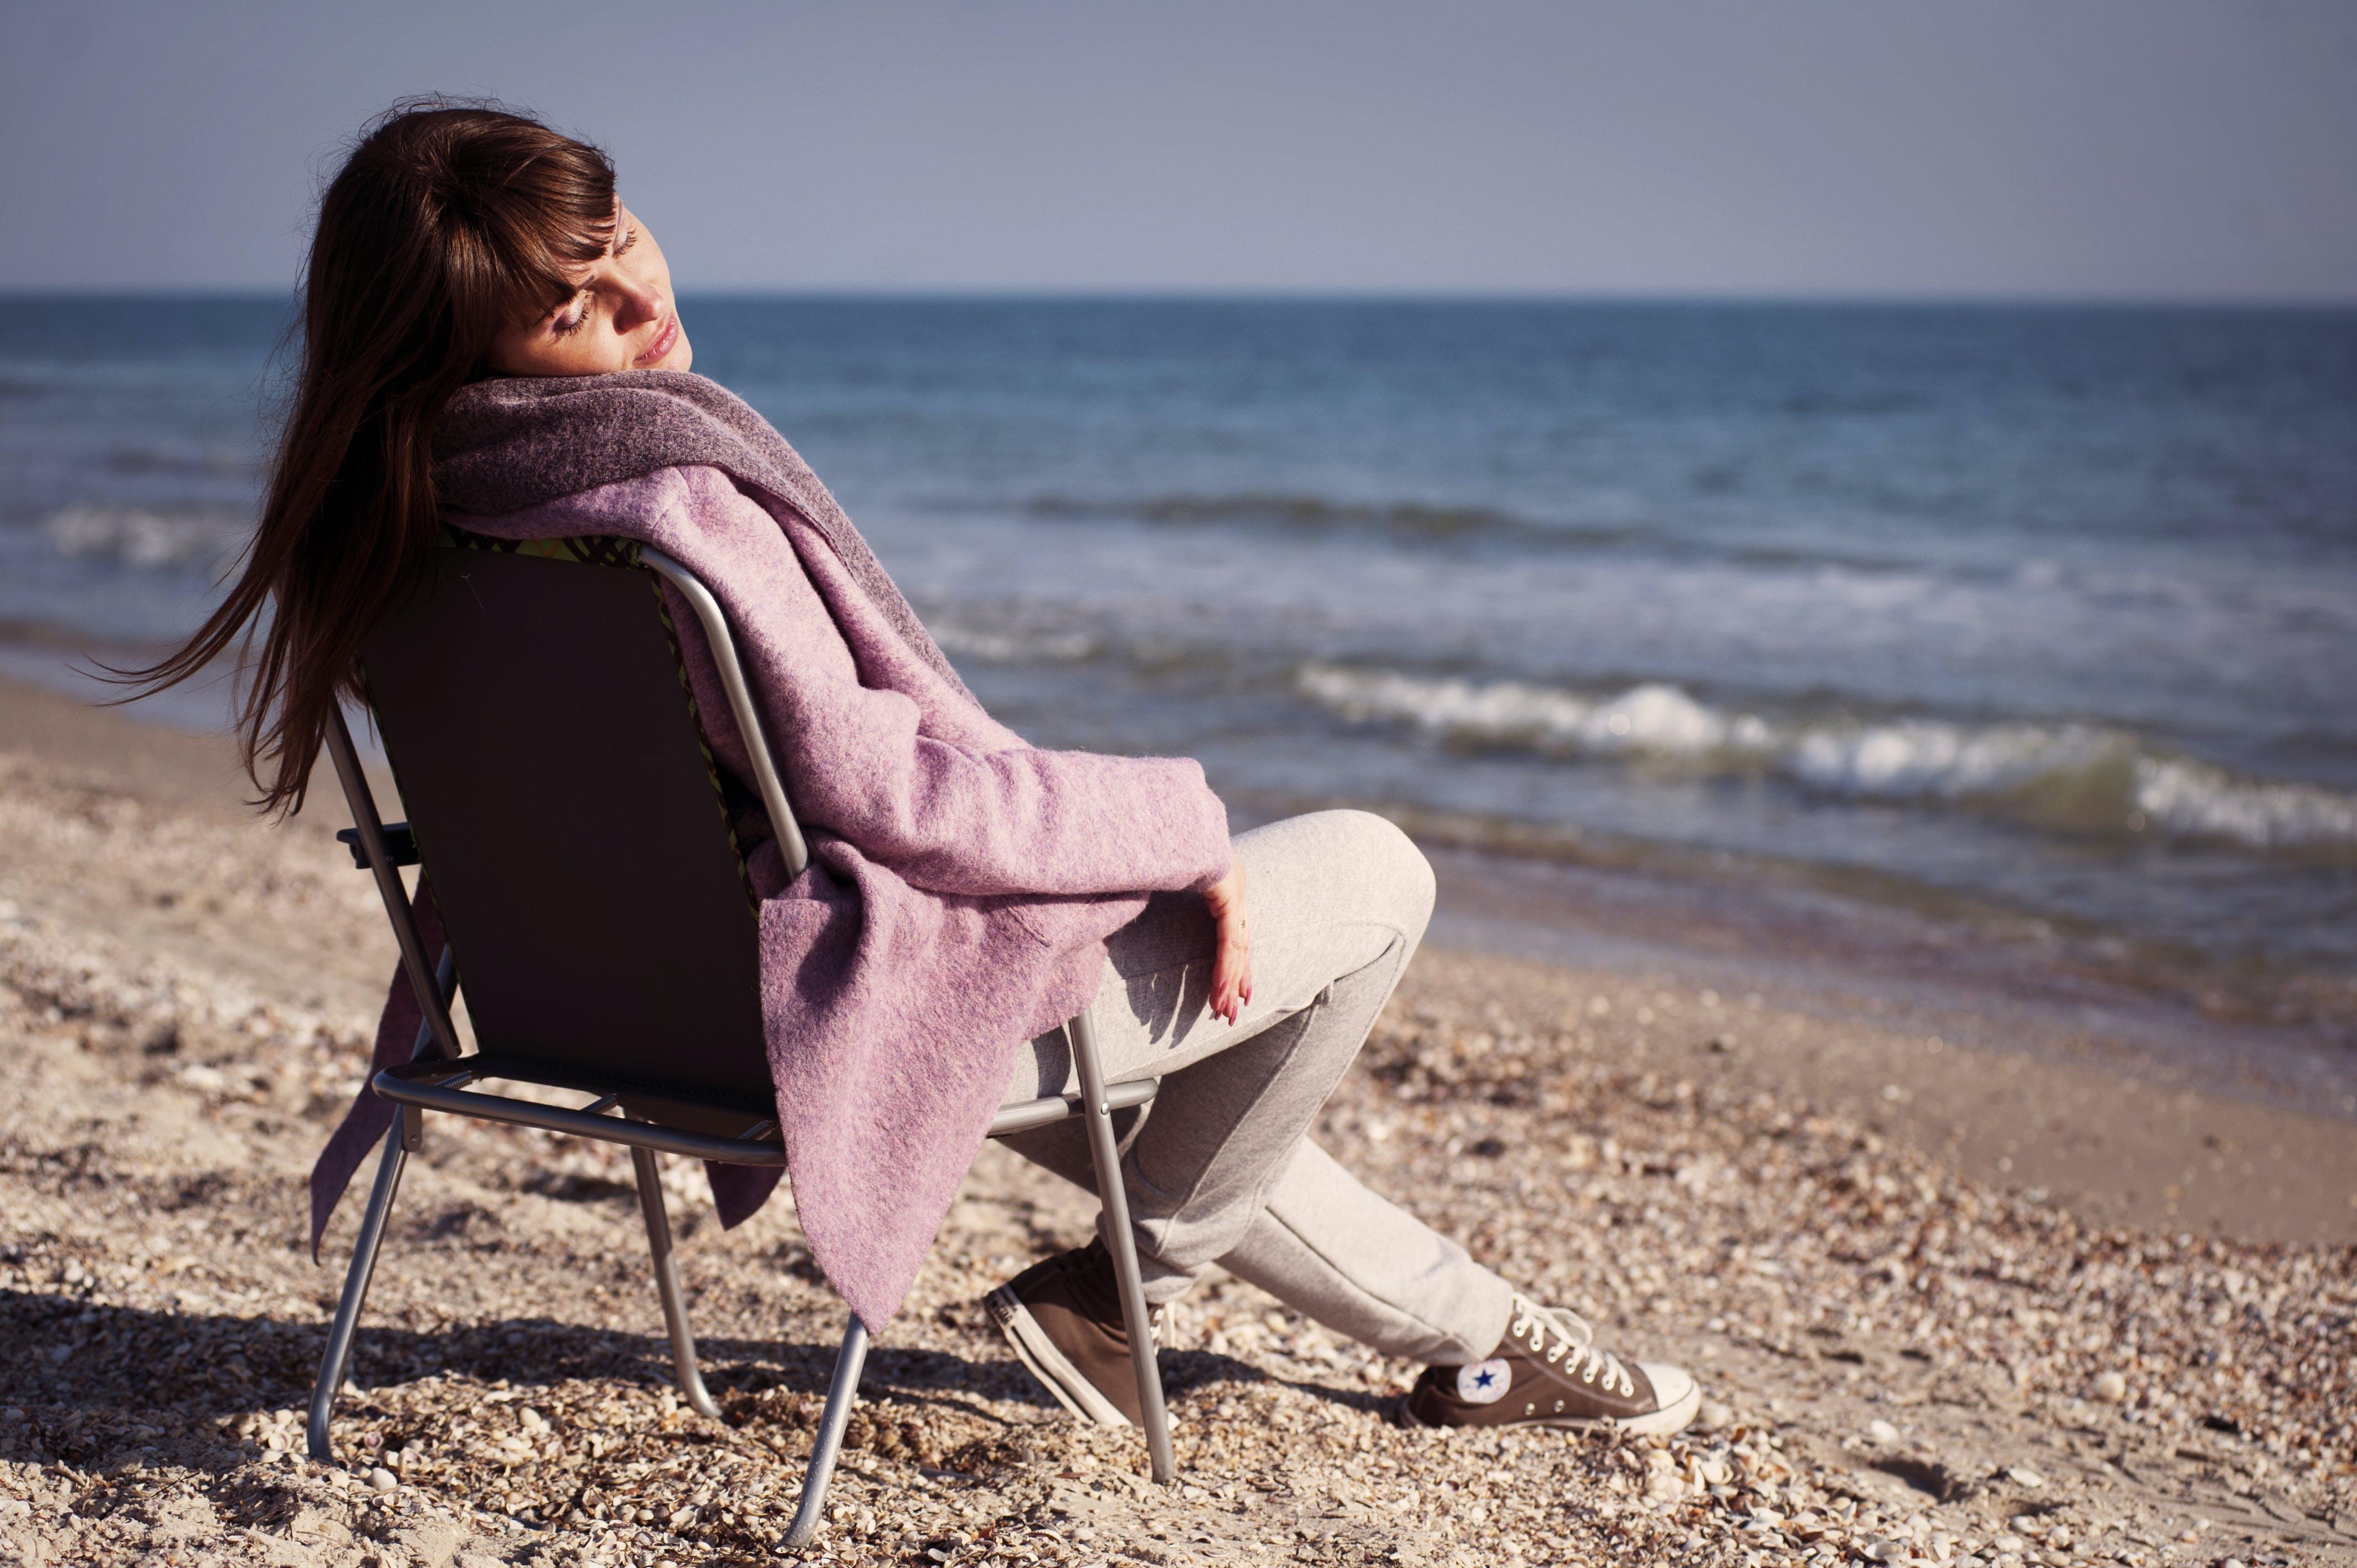 Gratis lagerfoto af afslapning, dag, dame, ferie